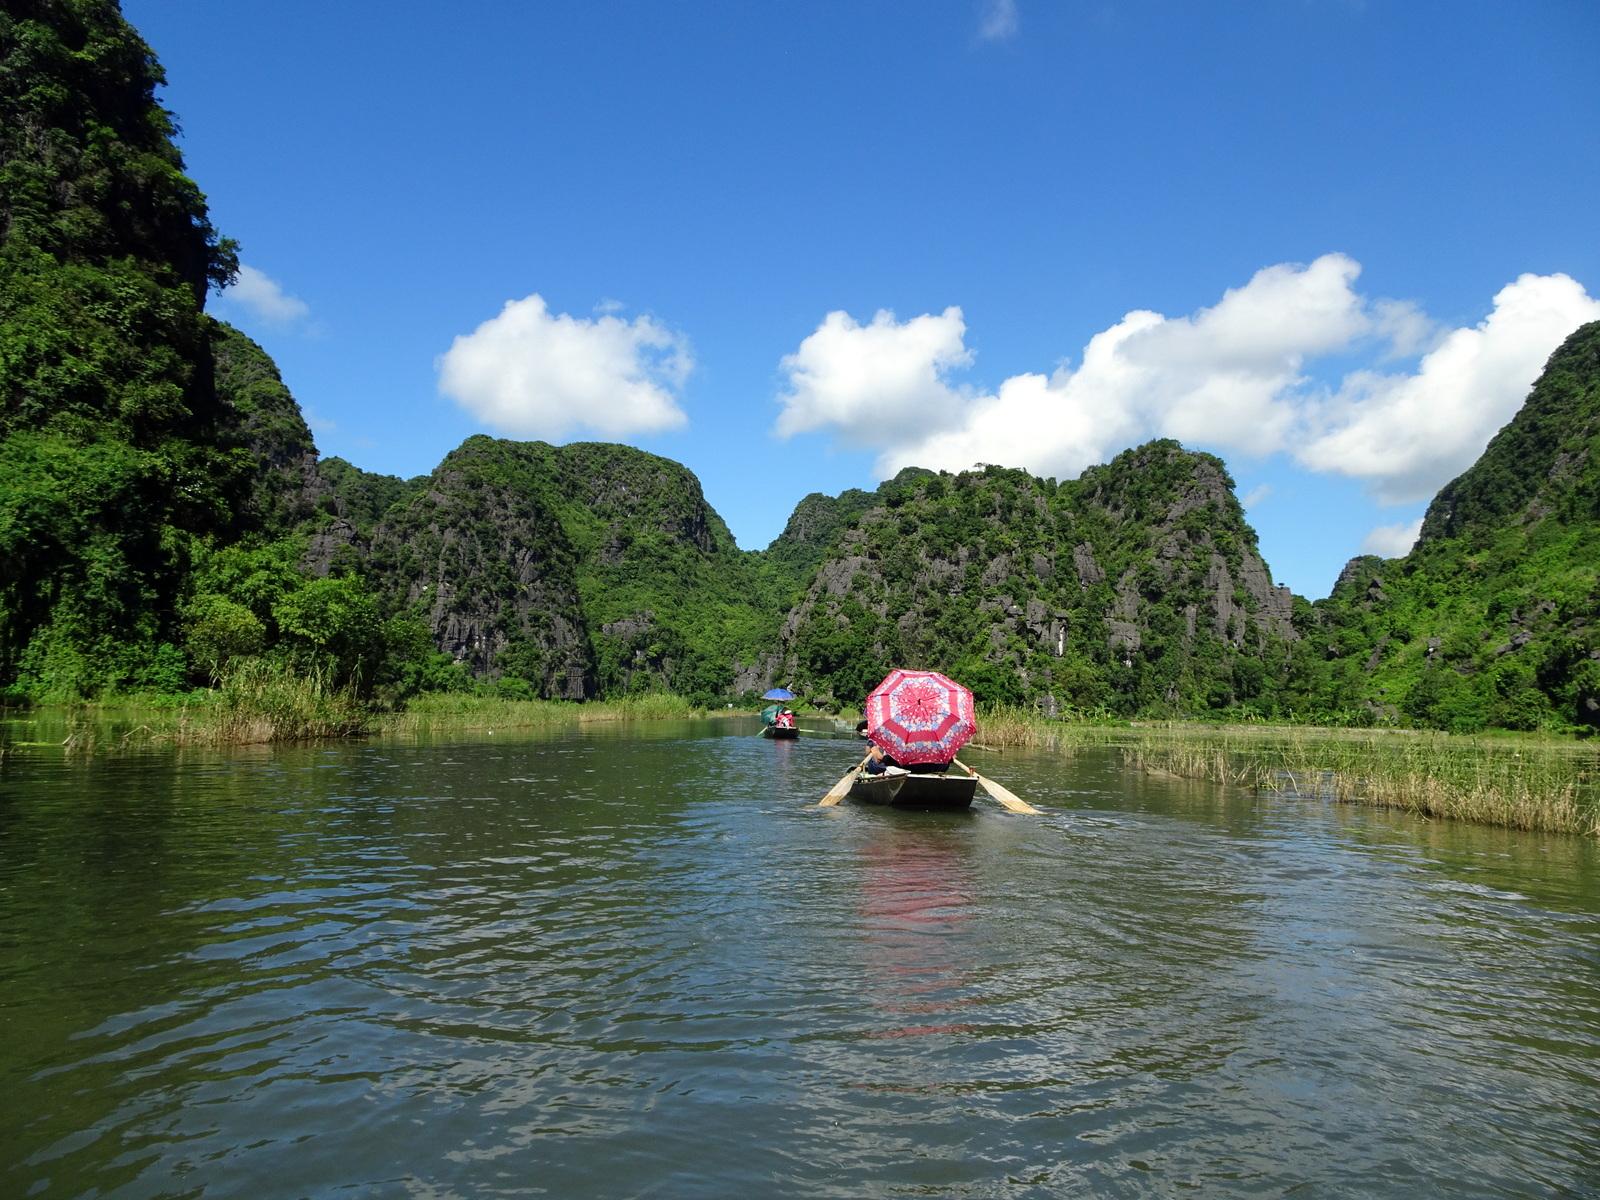 De la baie d'Halong au delta du Mekong, 1 mois au Vietnam !